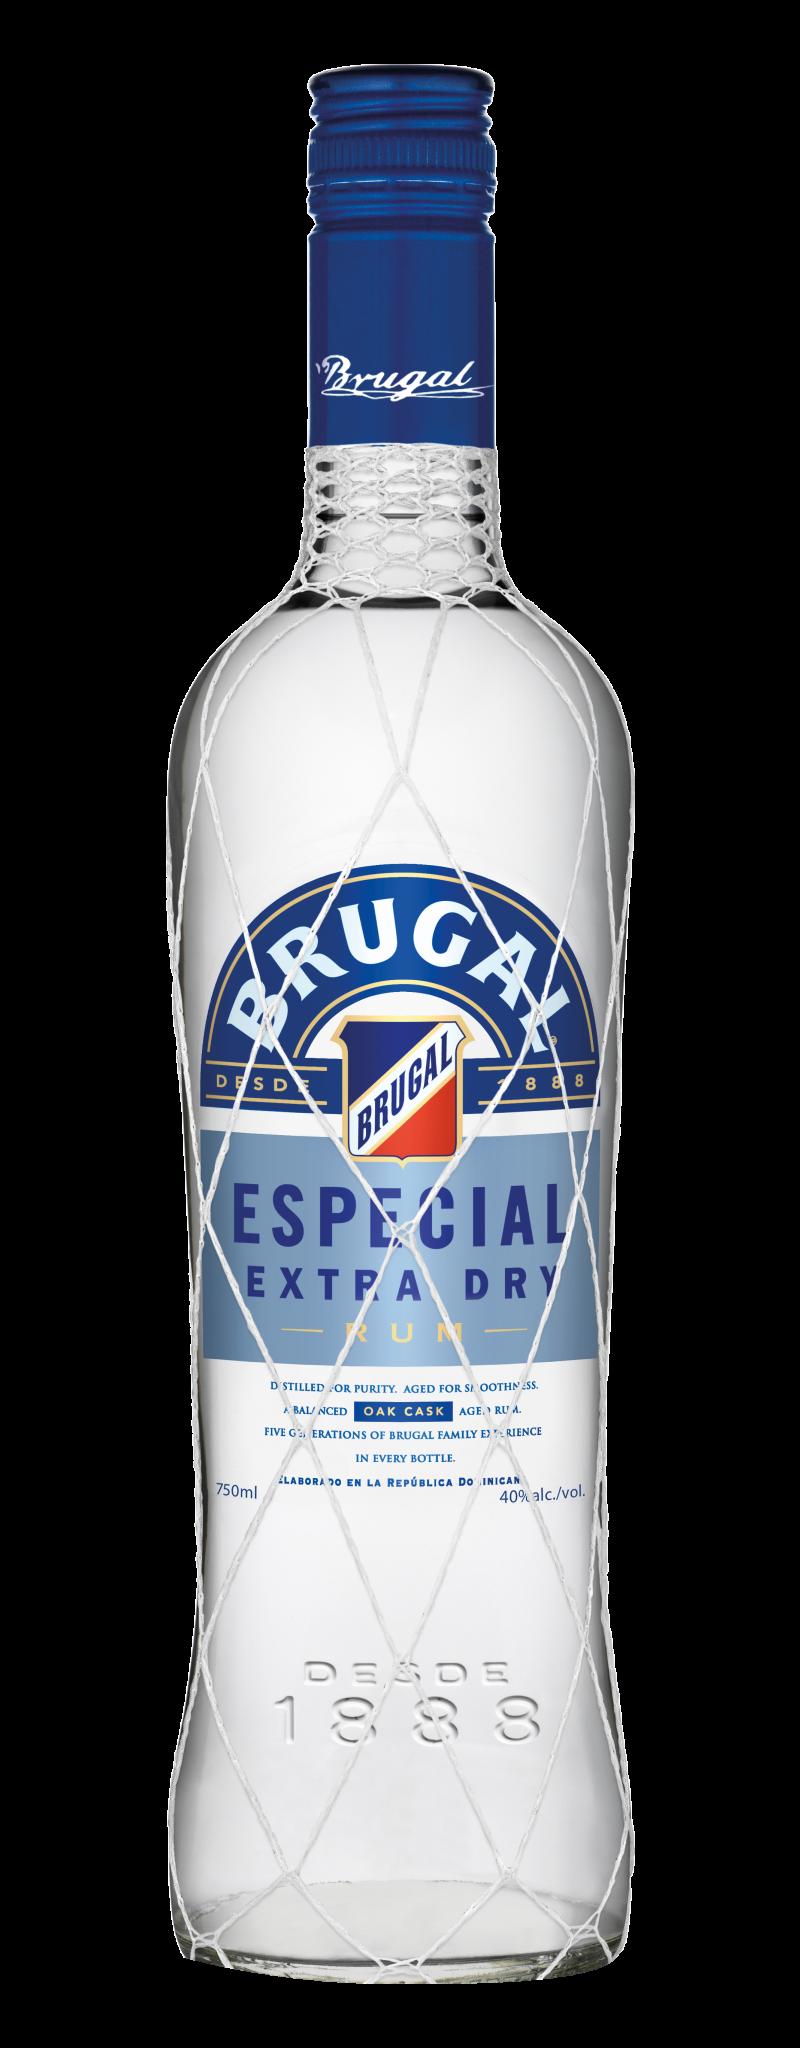 Brugal Rum Especial Extra Dry White Rum  - 700ml